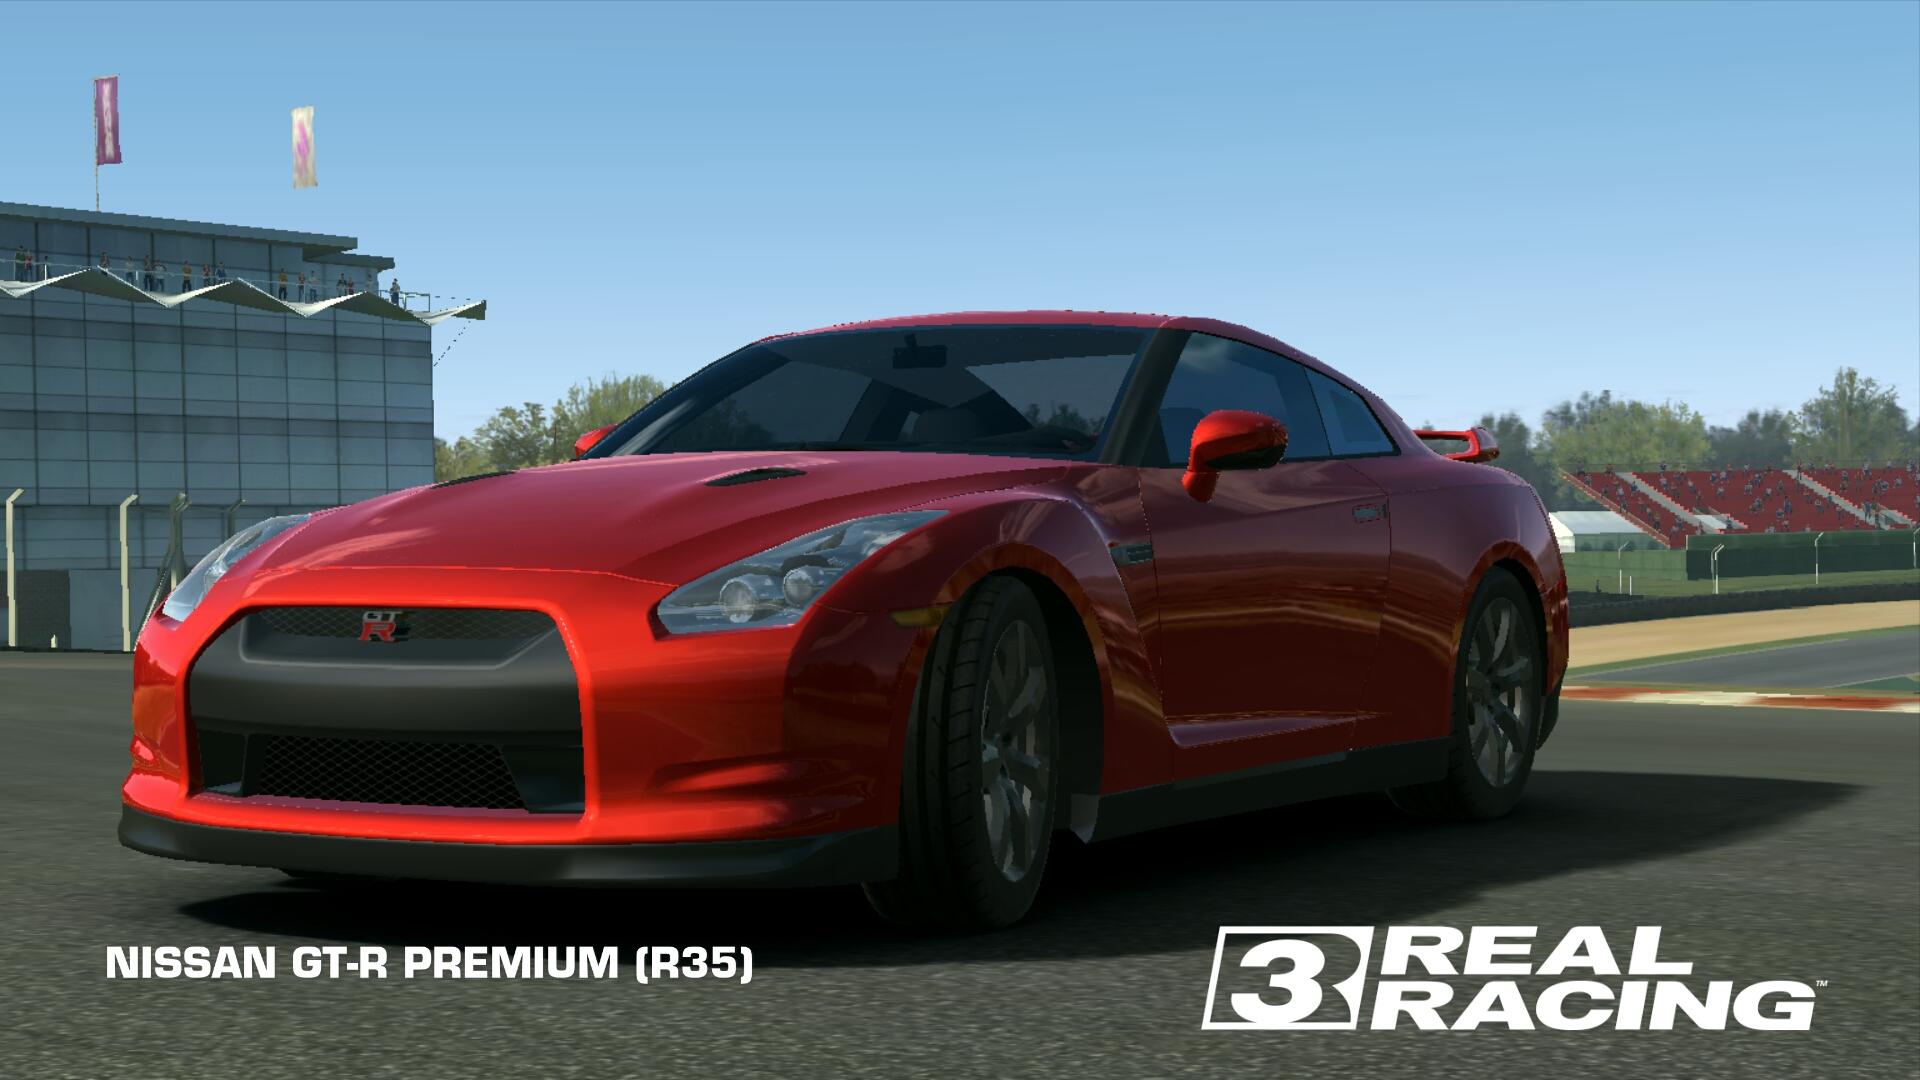 Gt r premium r35